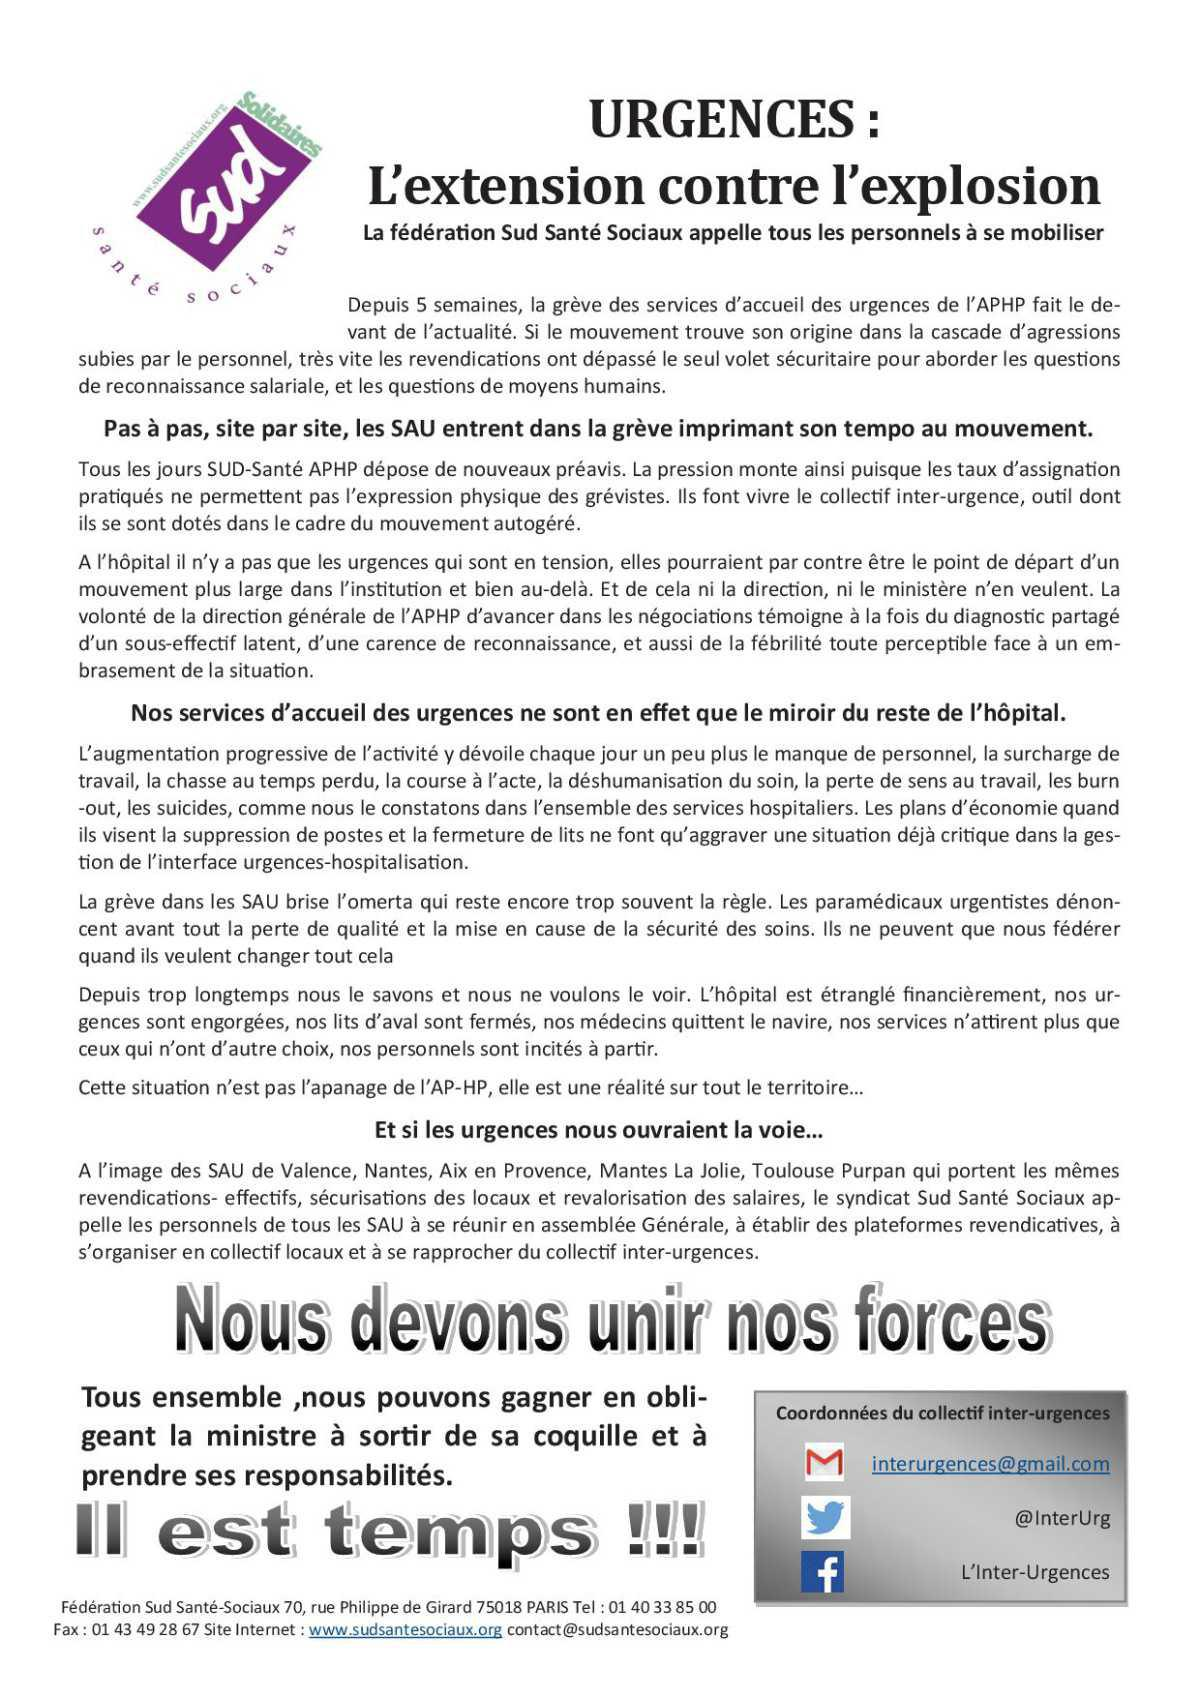 La fédération sud santé sociaux appelle tous les SAU à se mobiliser